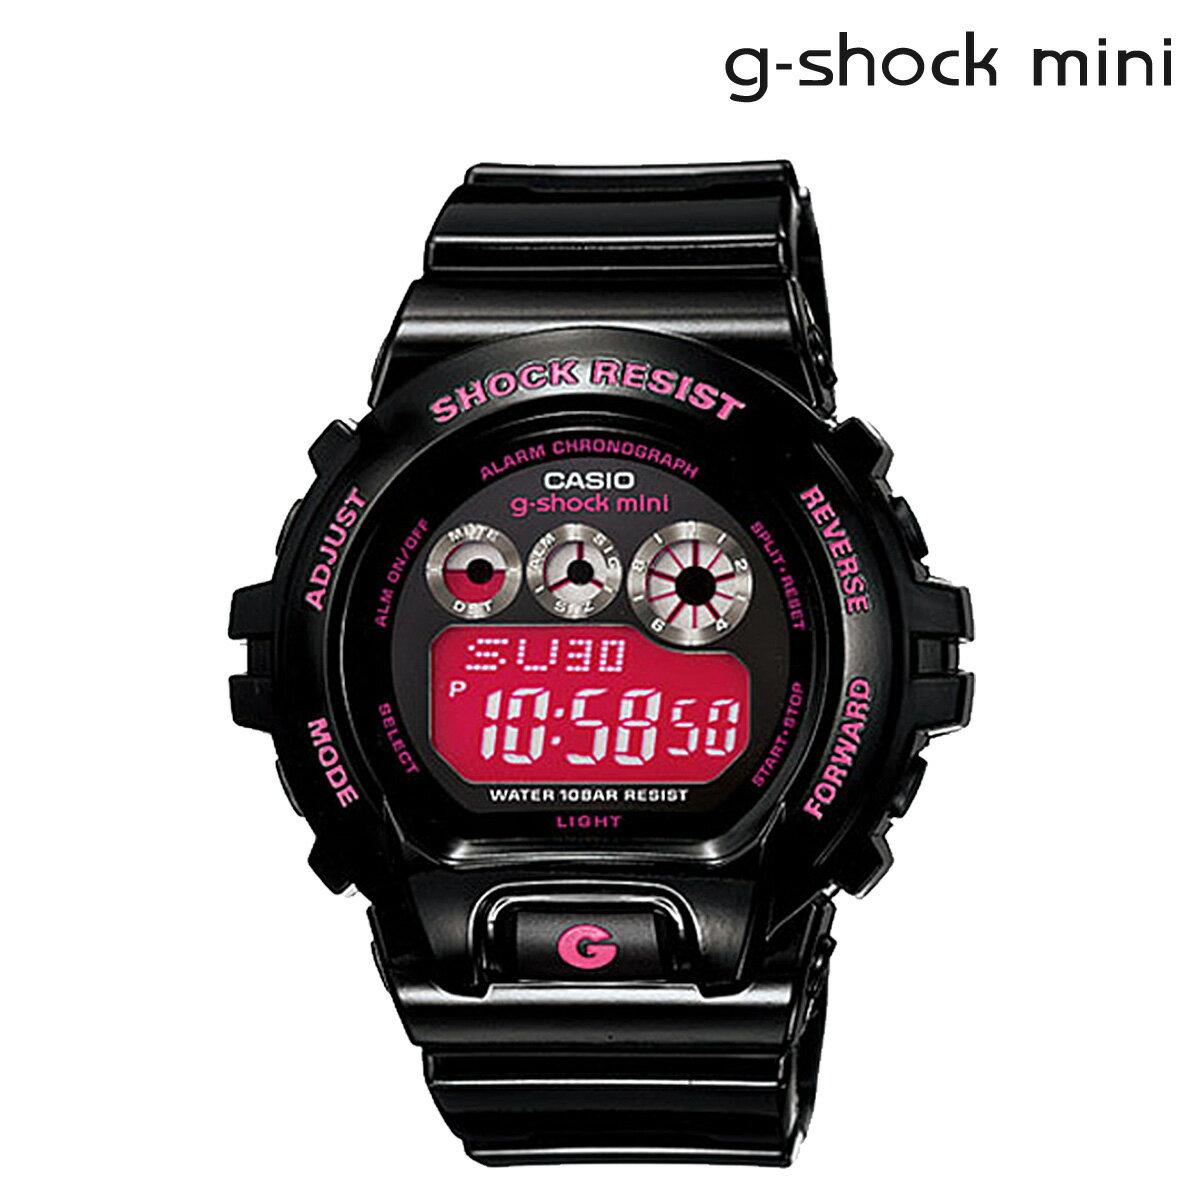 CASIO カシオ g-shock mini 腕時計 GMN-692-1JR ジーショック ミニ Gショック G-ショック レディース [4/19 再入荷]